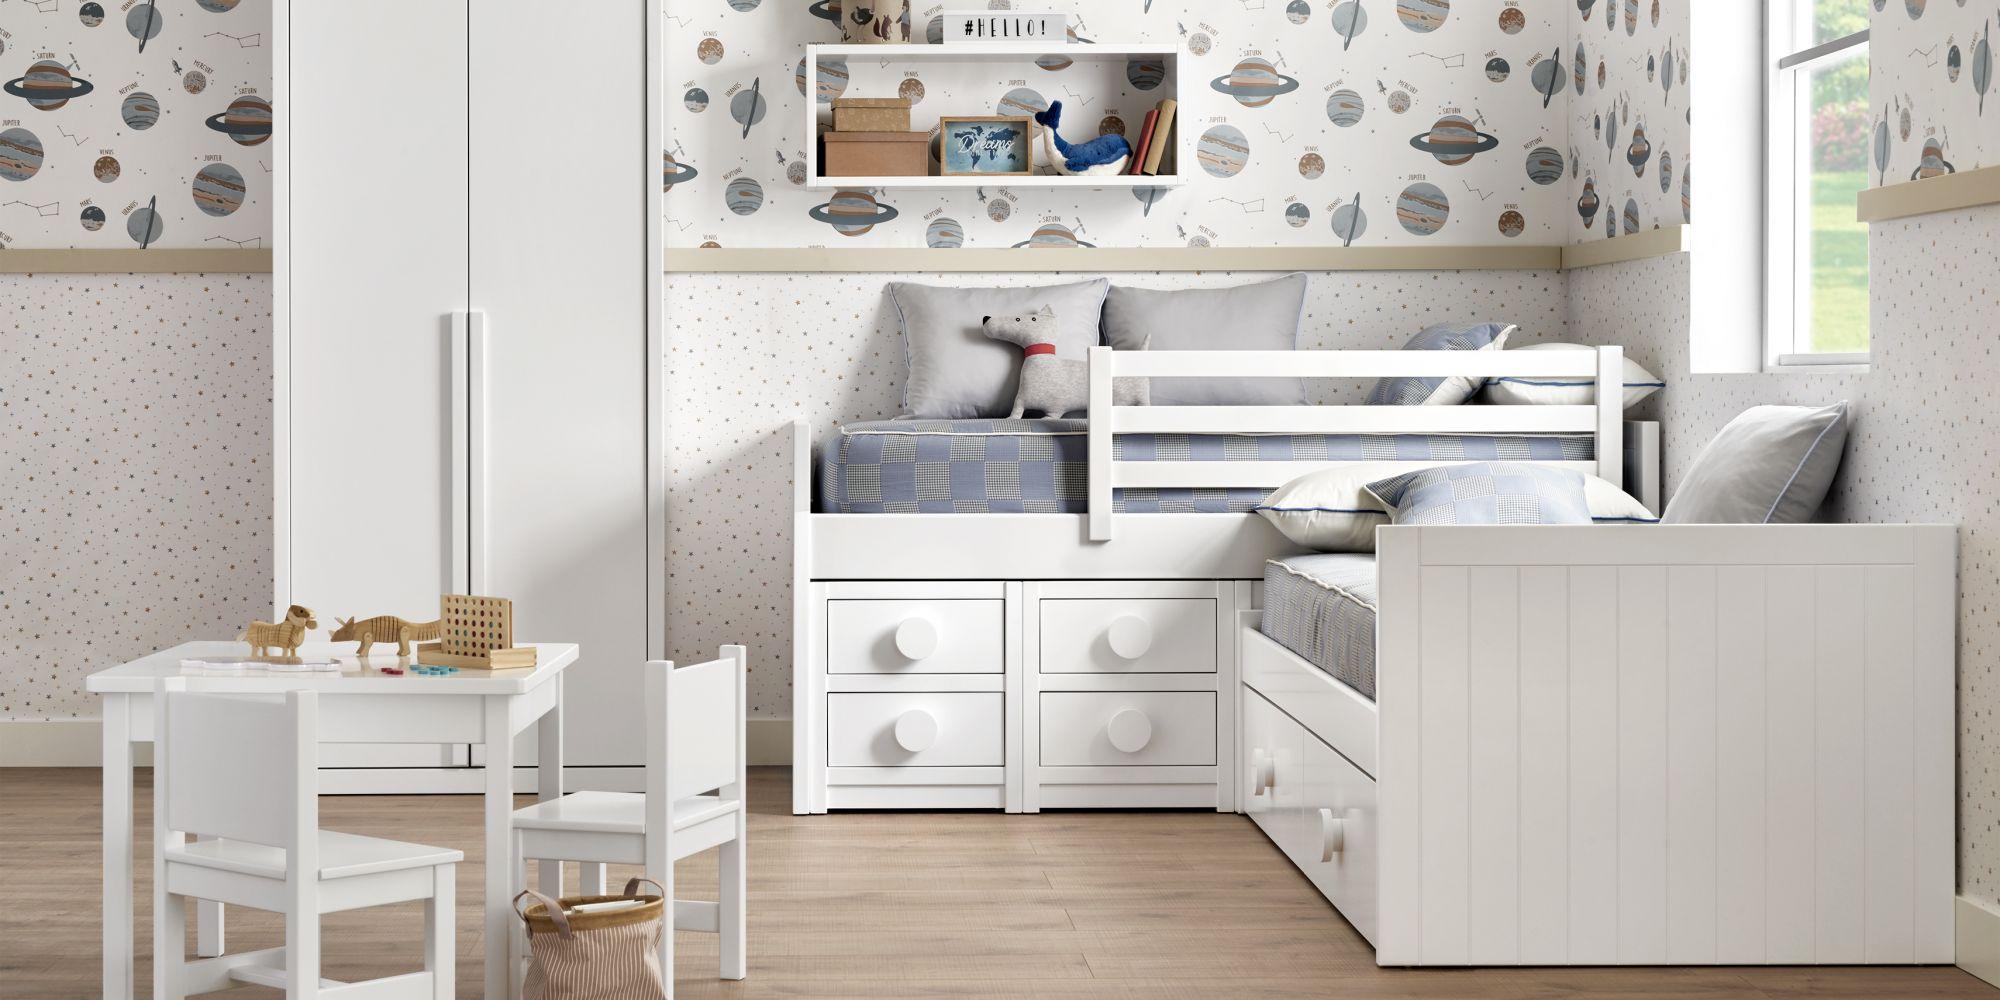 Habitacion con dos camas y armario blanco